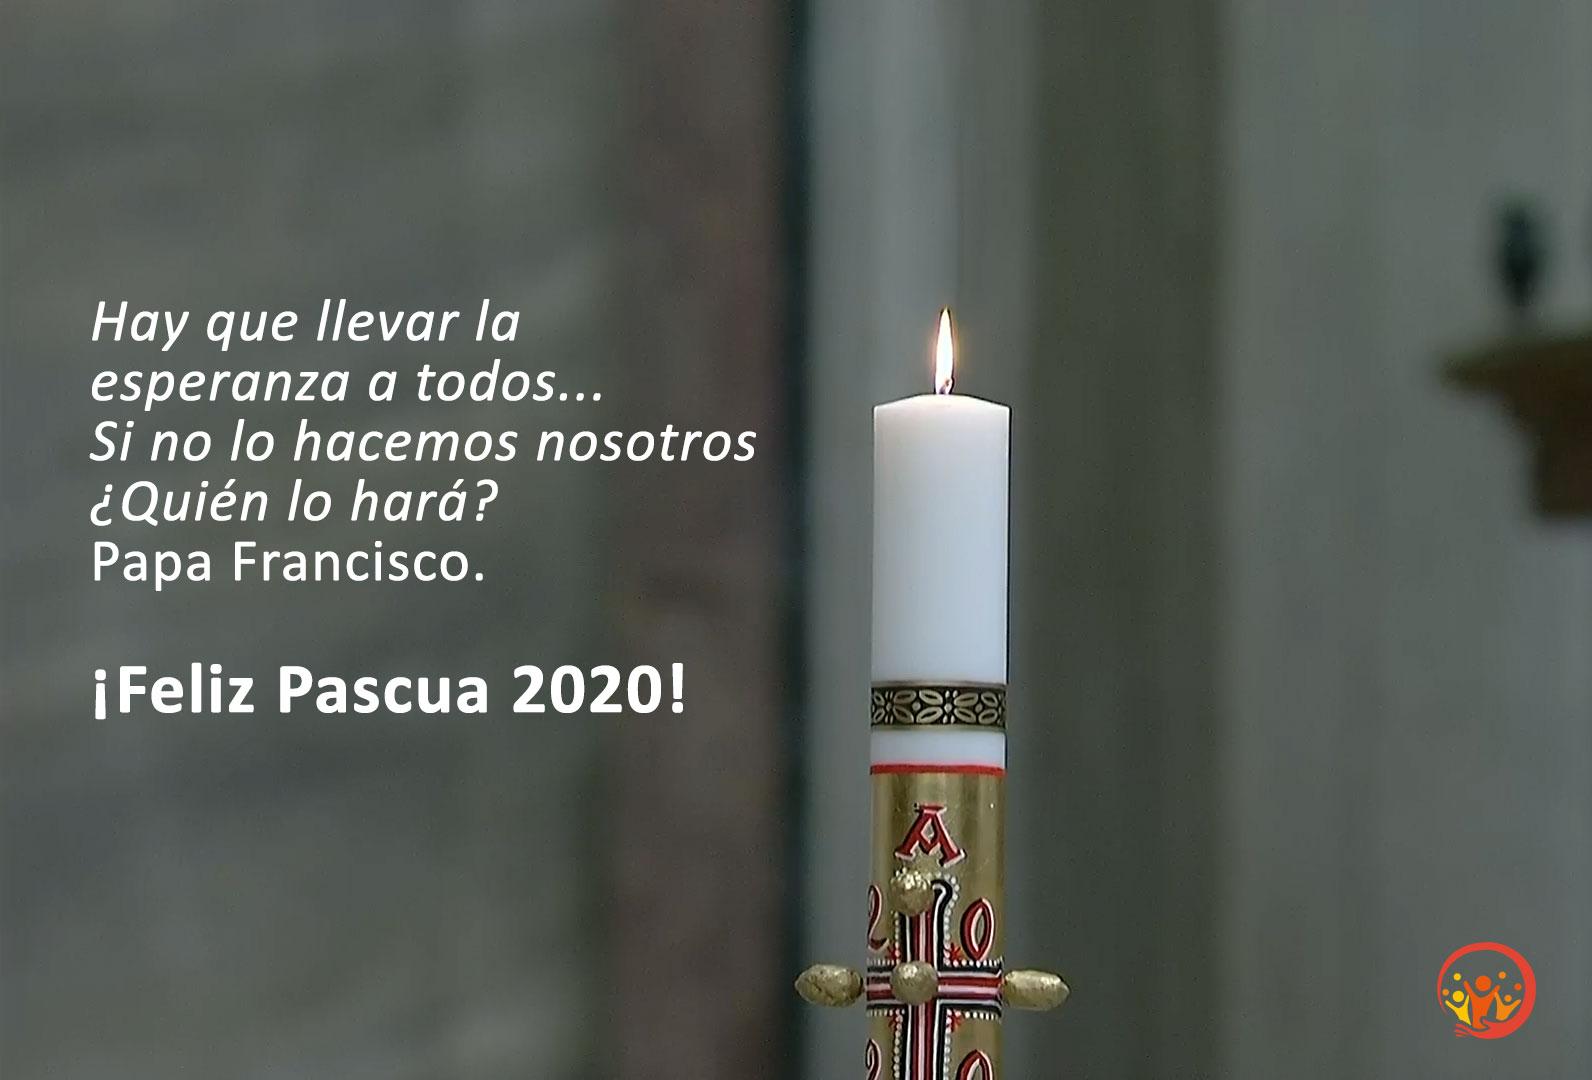 ¡Feliz Pascua 2020!